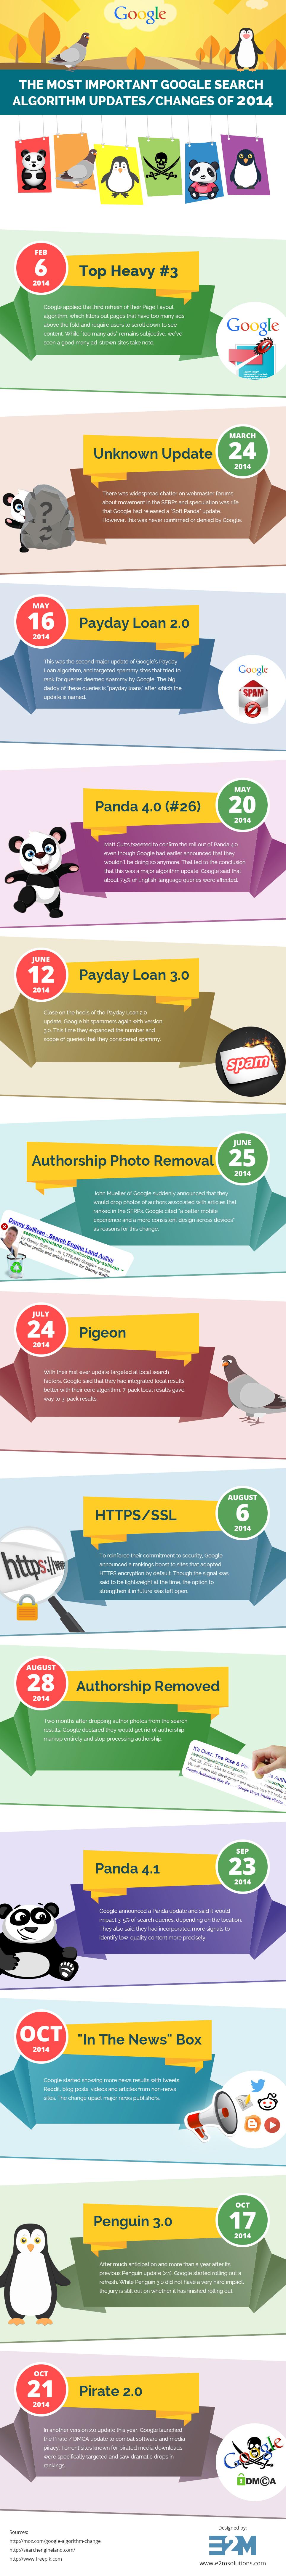 Infographie changements algorithmes google 2014